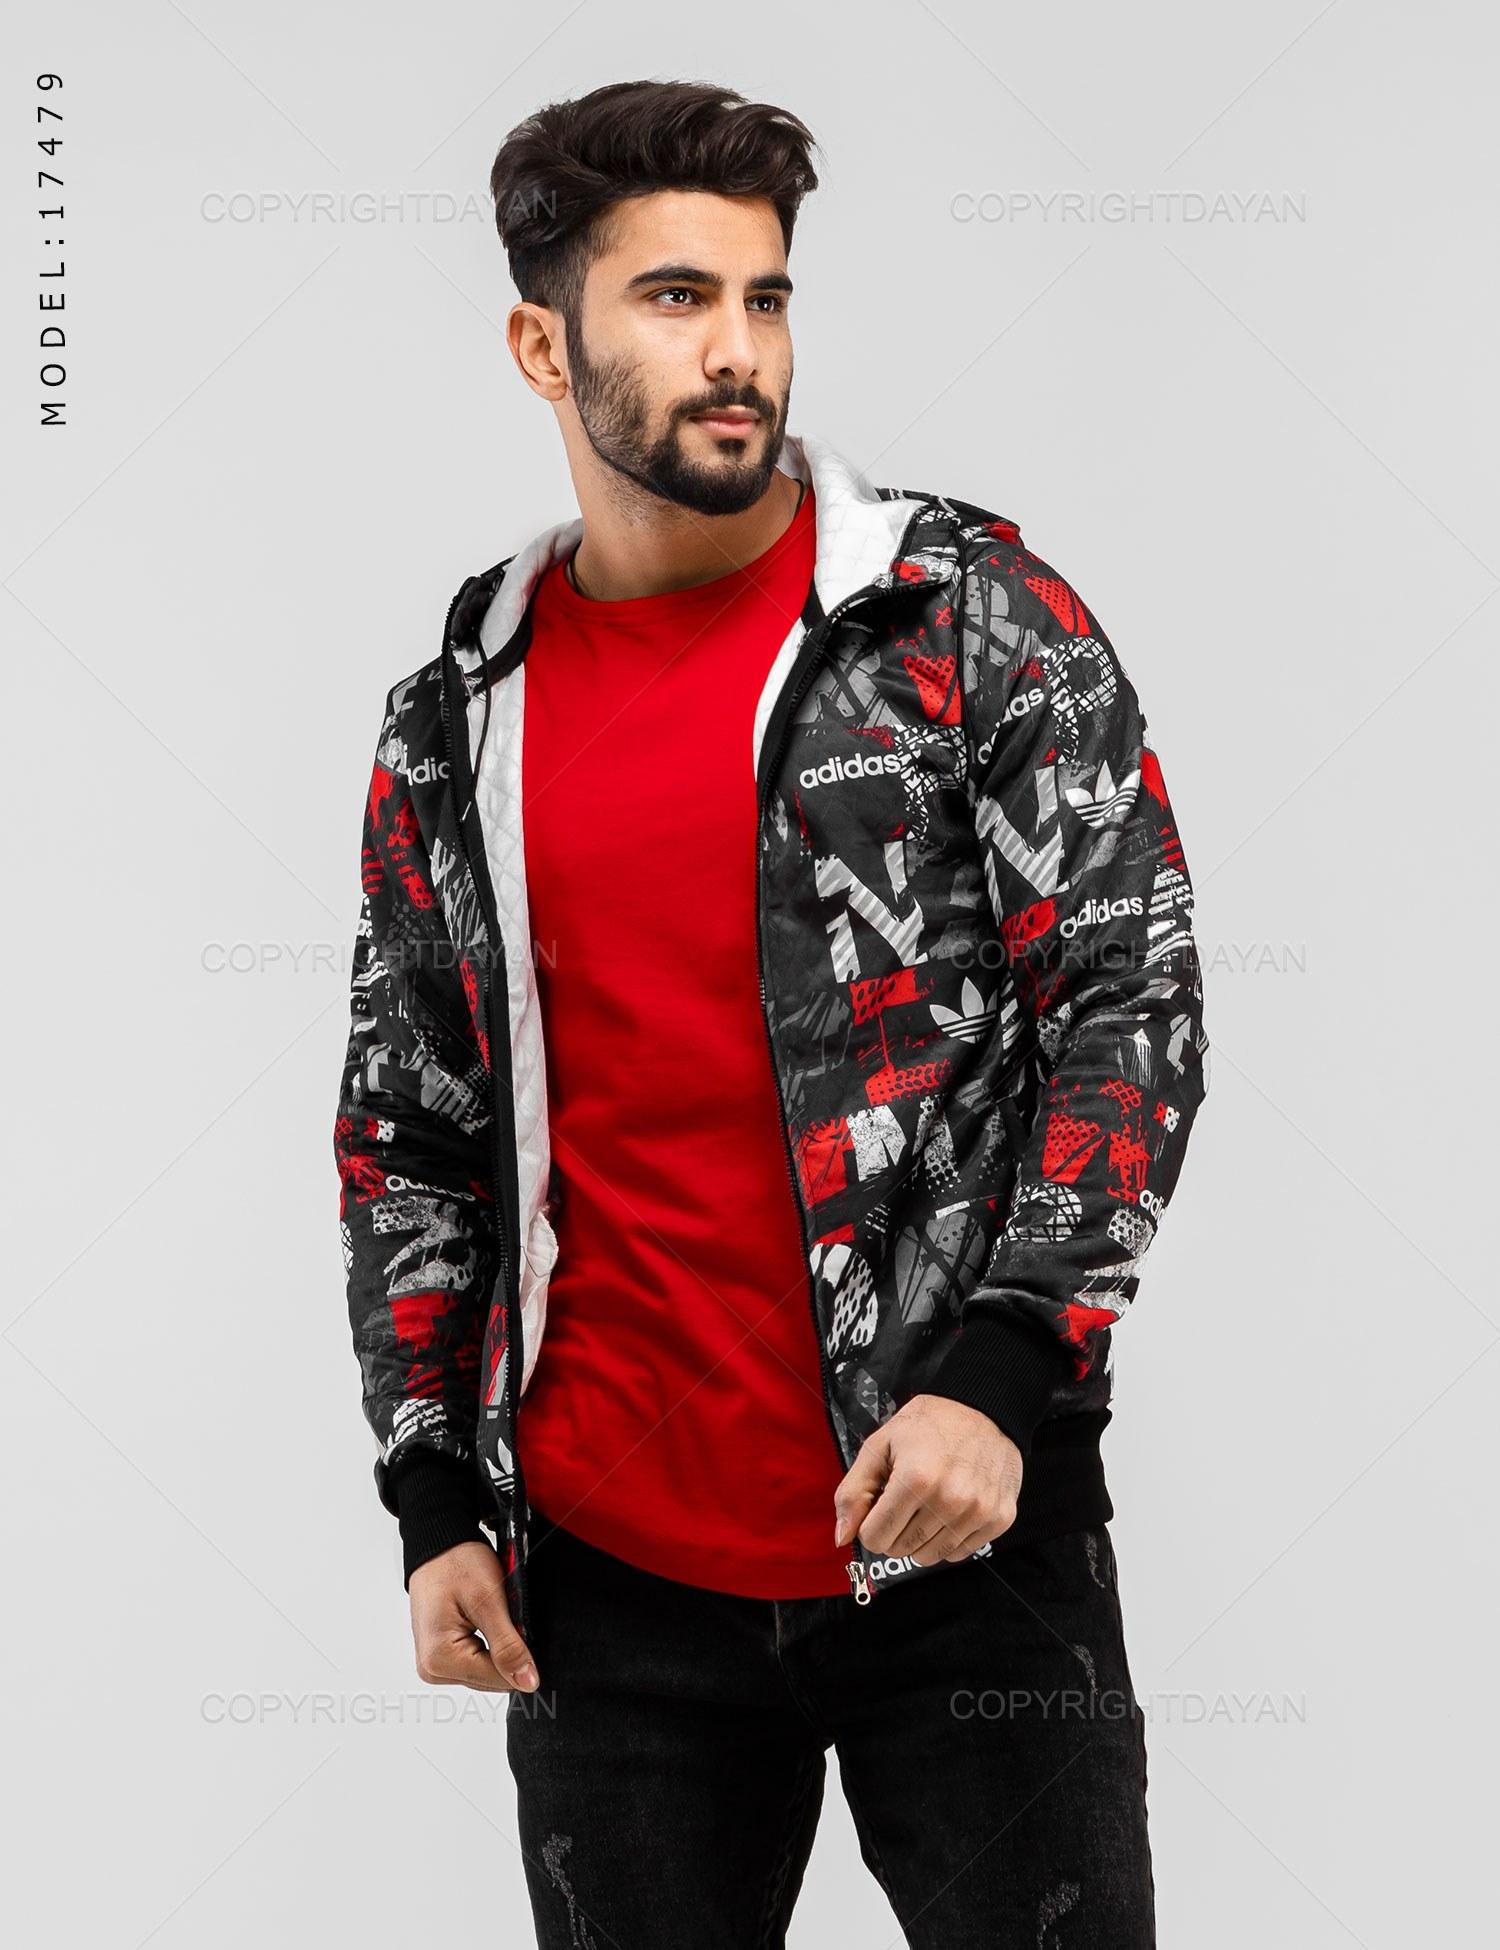 تصویر سویشرت مردانه Adidas مدل 17479